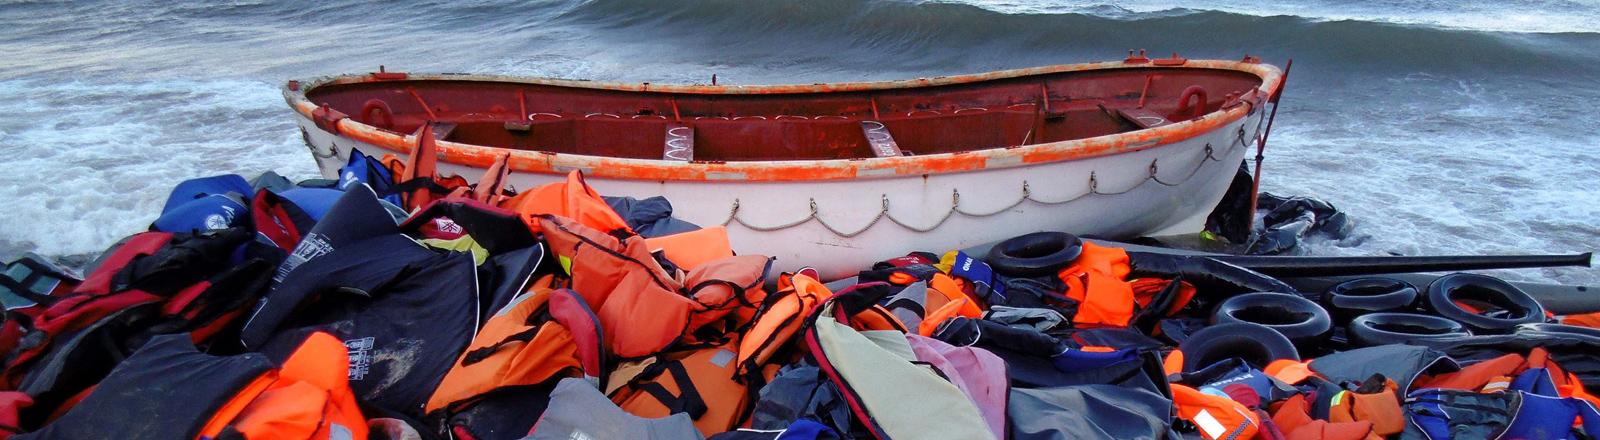 An einem Strand auf Lesbos liegt ein Boot, mit dem Flüchtlinge aus der Türkei übers Mittelmeer gekommen sind. Neben dem Boot haben sie ihre Rettungswesten zurückgelassen.